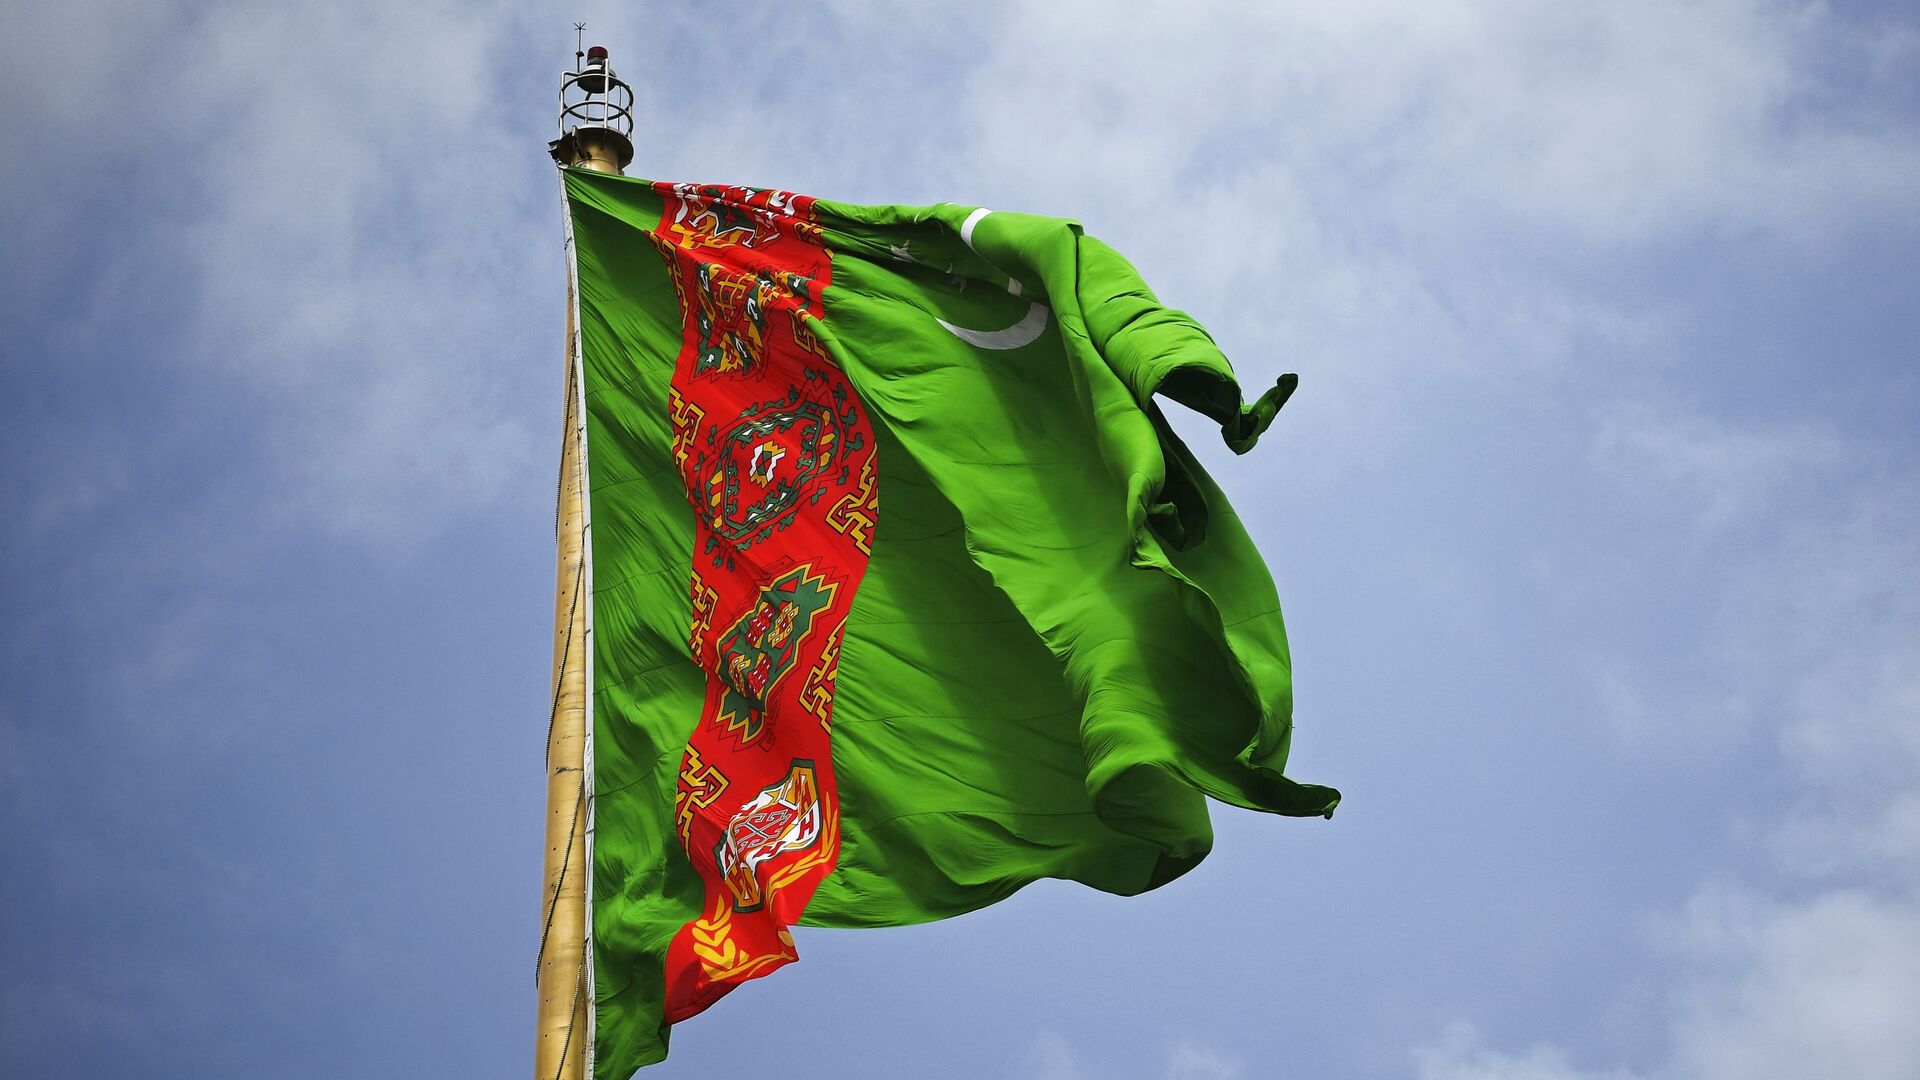 La bandera de Turkmenistán - Sputnik Mundo, 1920, 12.07.2021